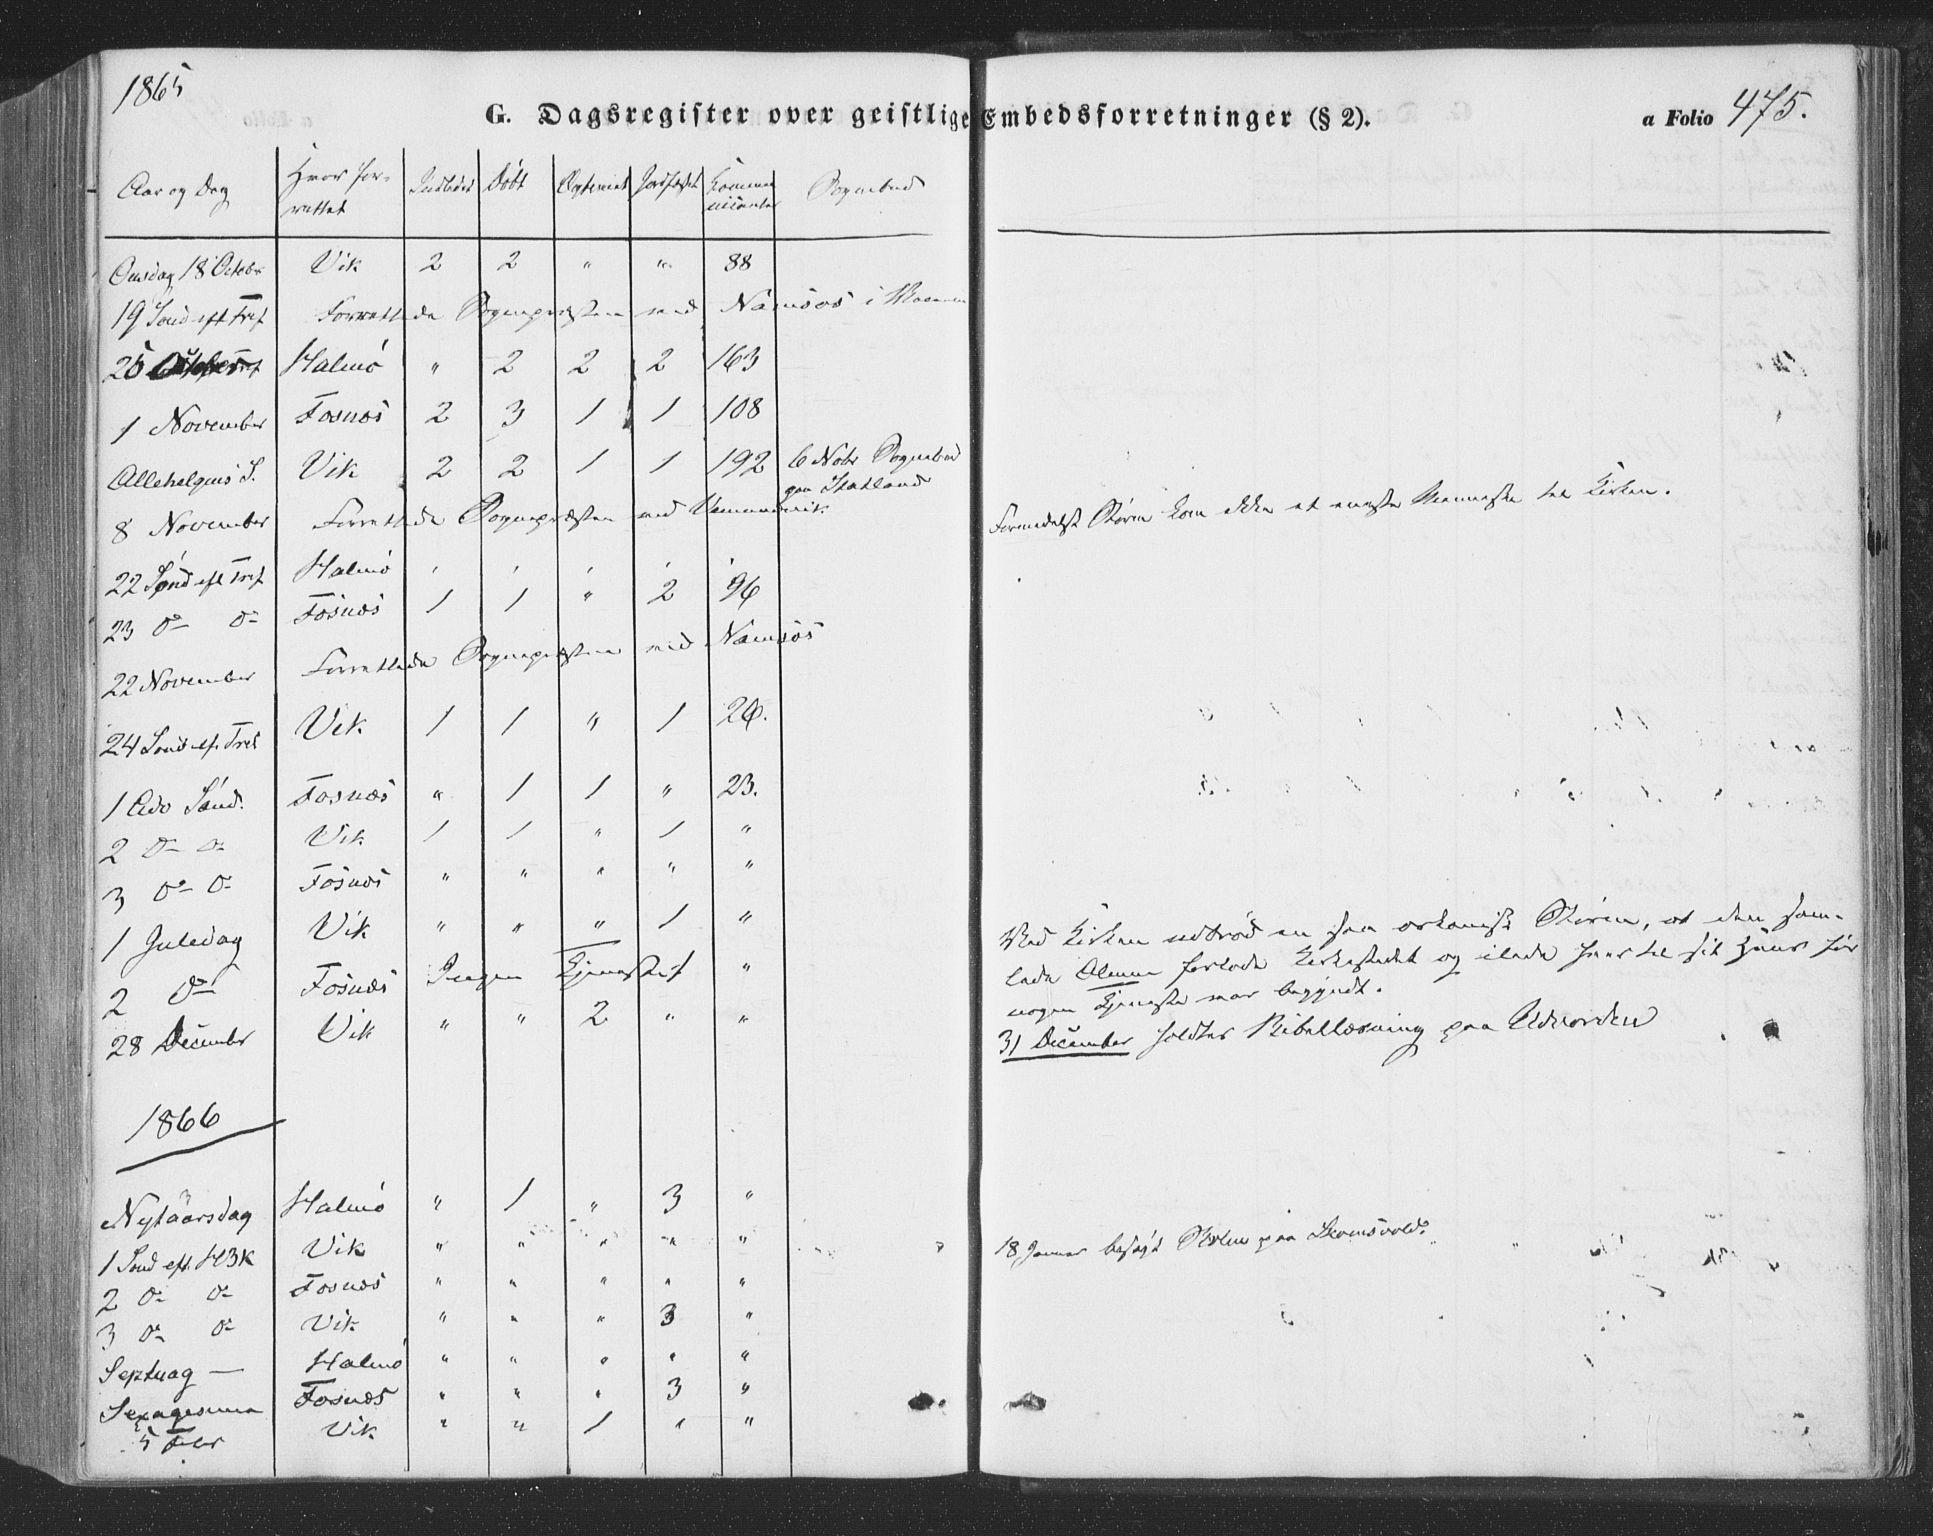 SAT, Ministerialprotokoller, klokkerbøker og fødselsregistre - Nord-Trøndelag, 773/L0615: Ministerialbok nr. 773A06, 1857-1870, s. 475